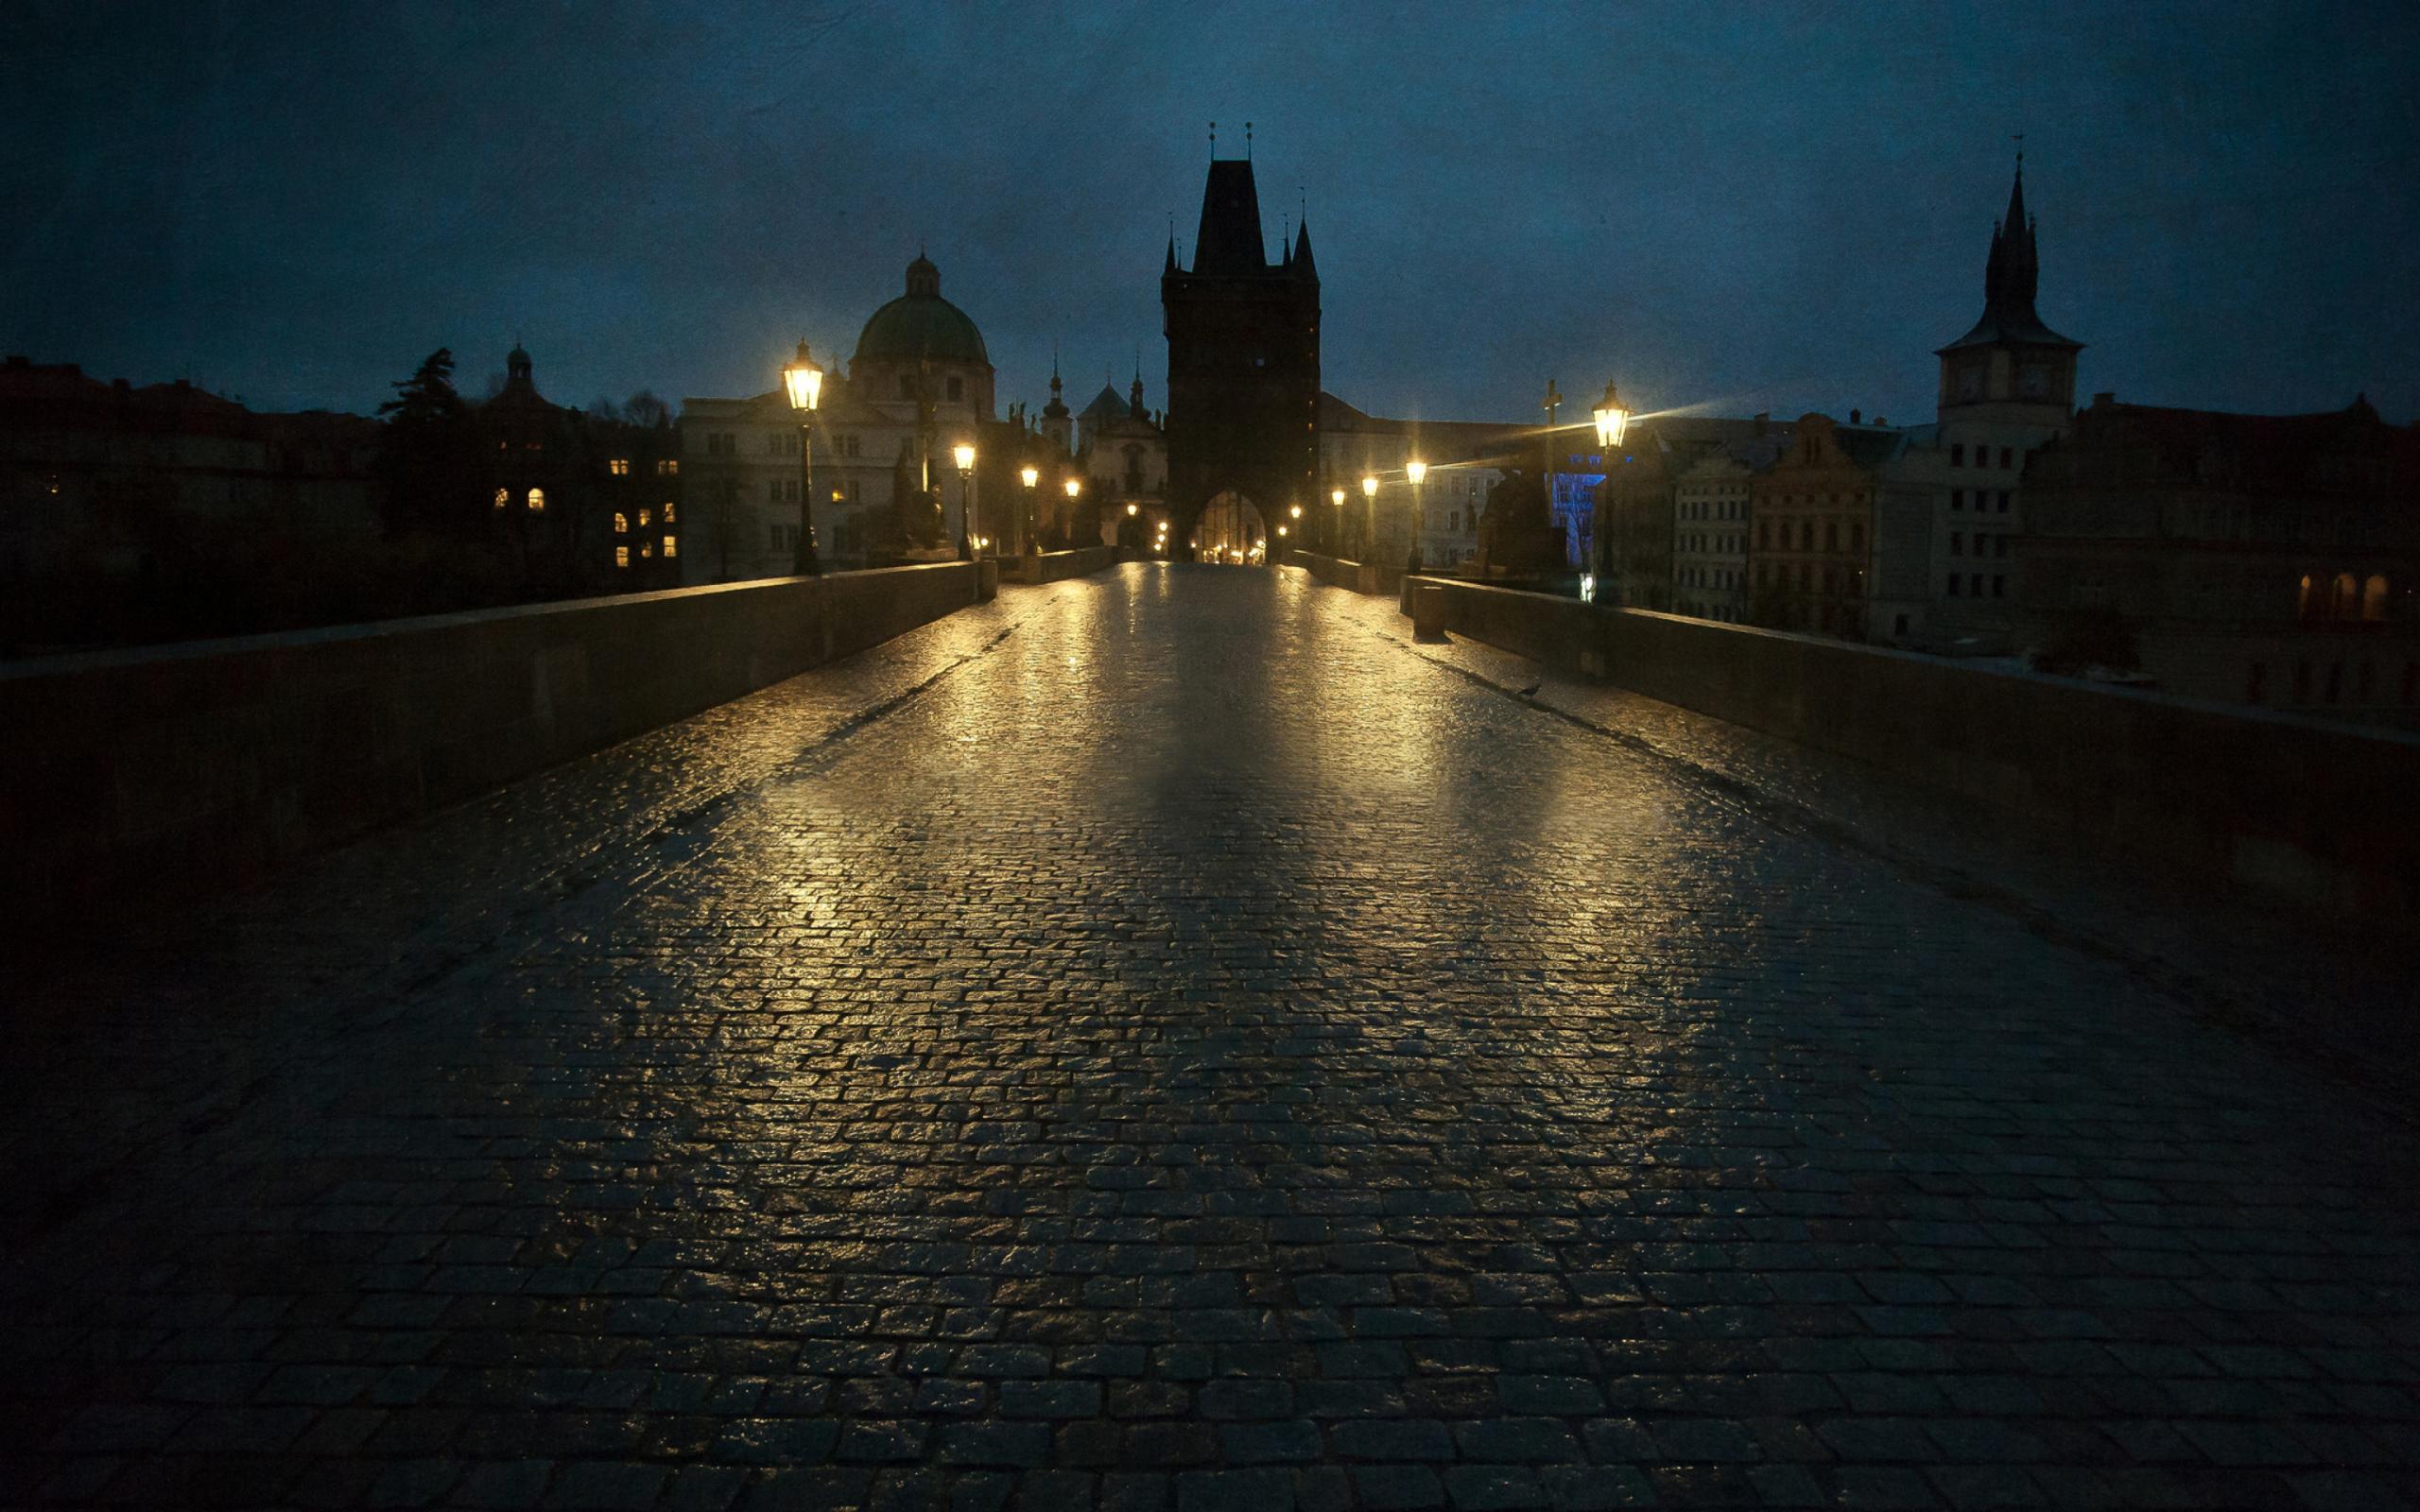 Франция дороги ночь фонари скачать